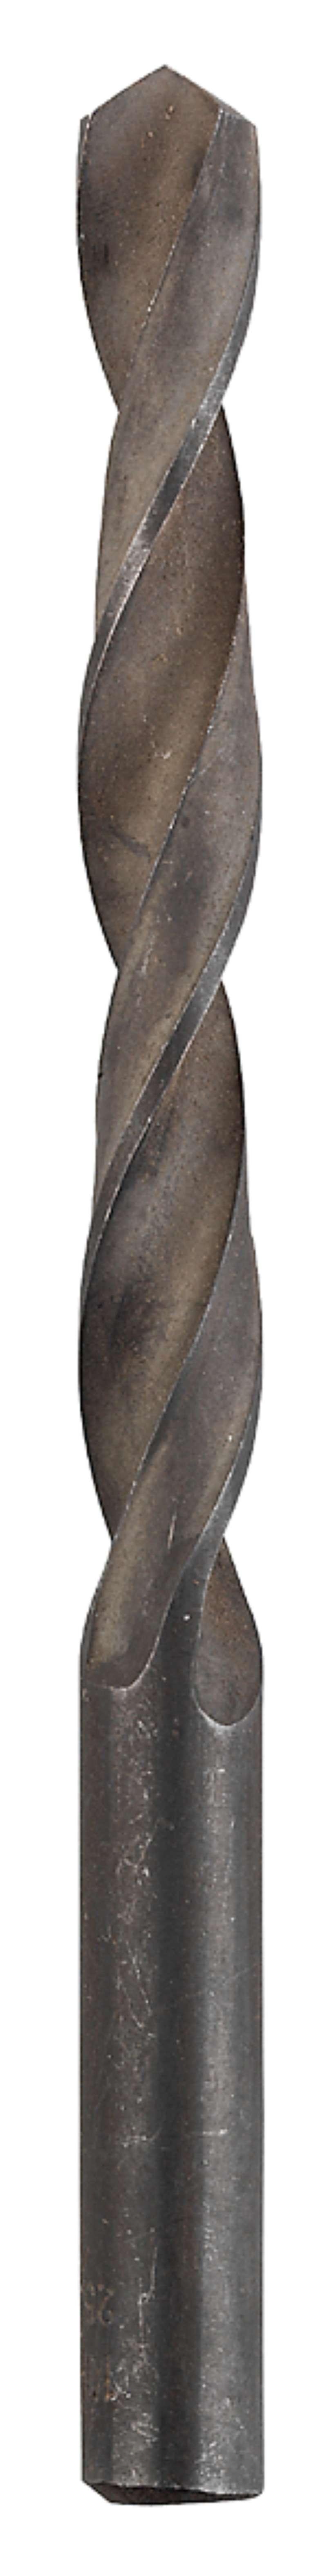 Сверло по металлу Kwb 209-655